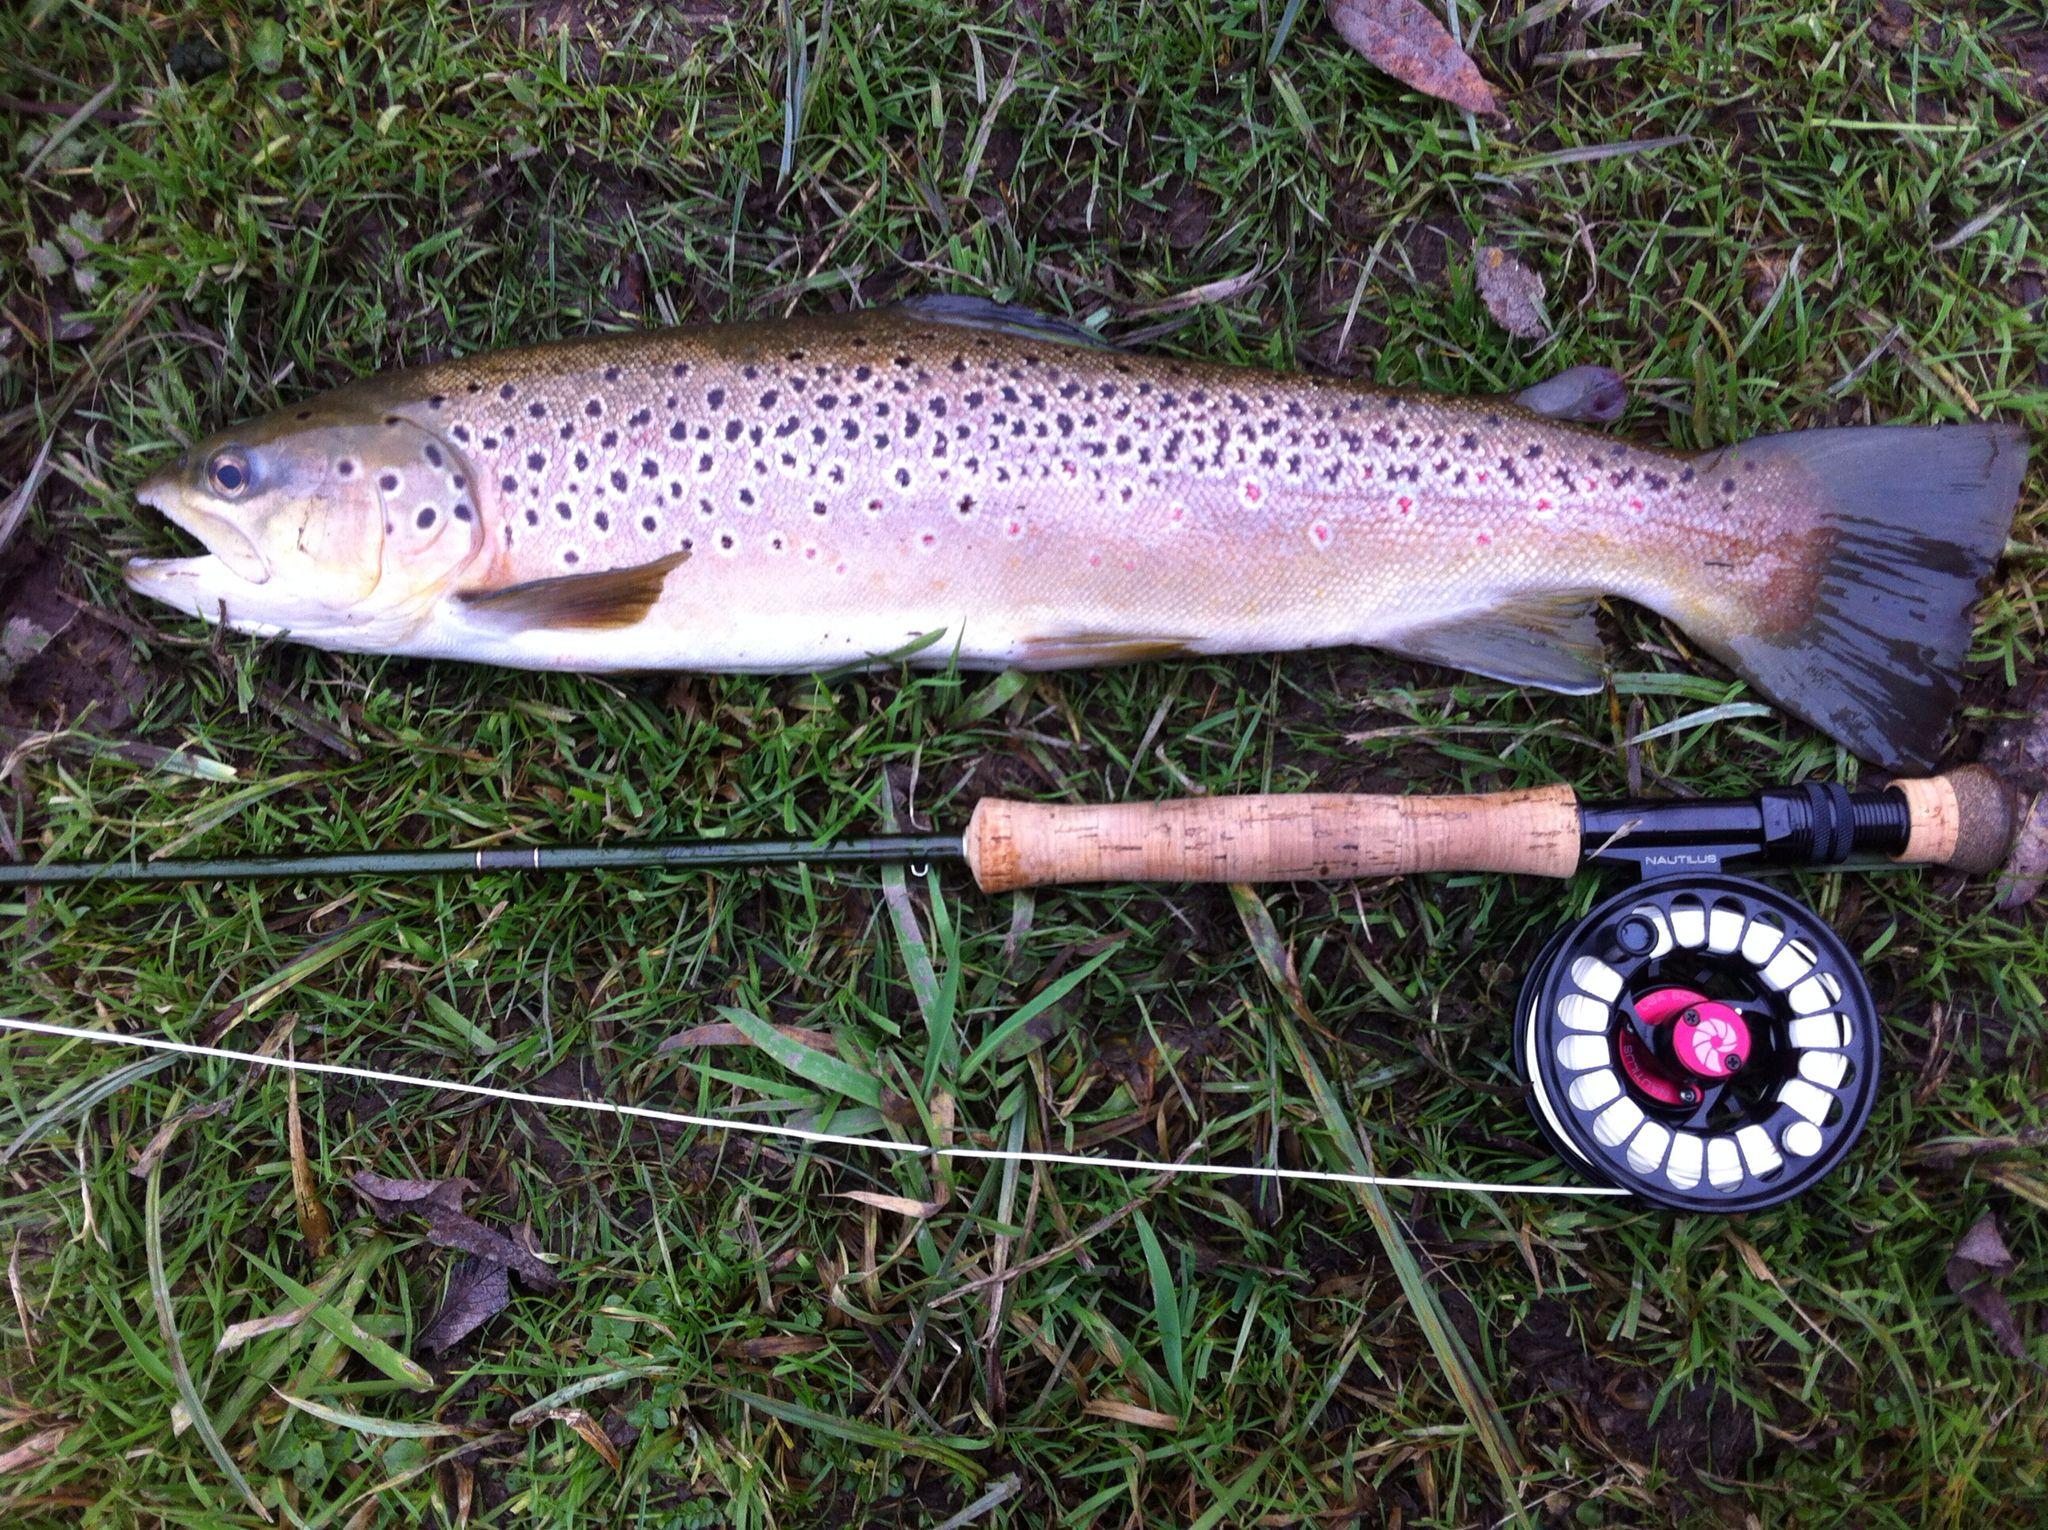 4.7lb brown trout